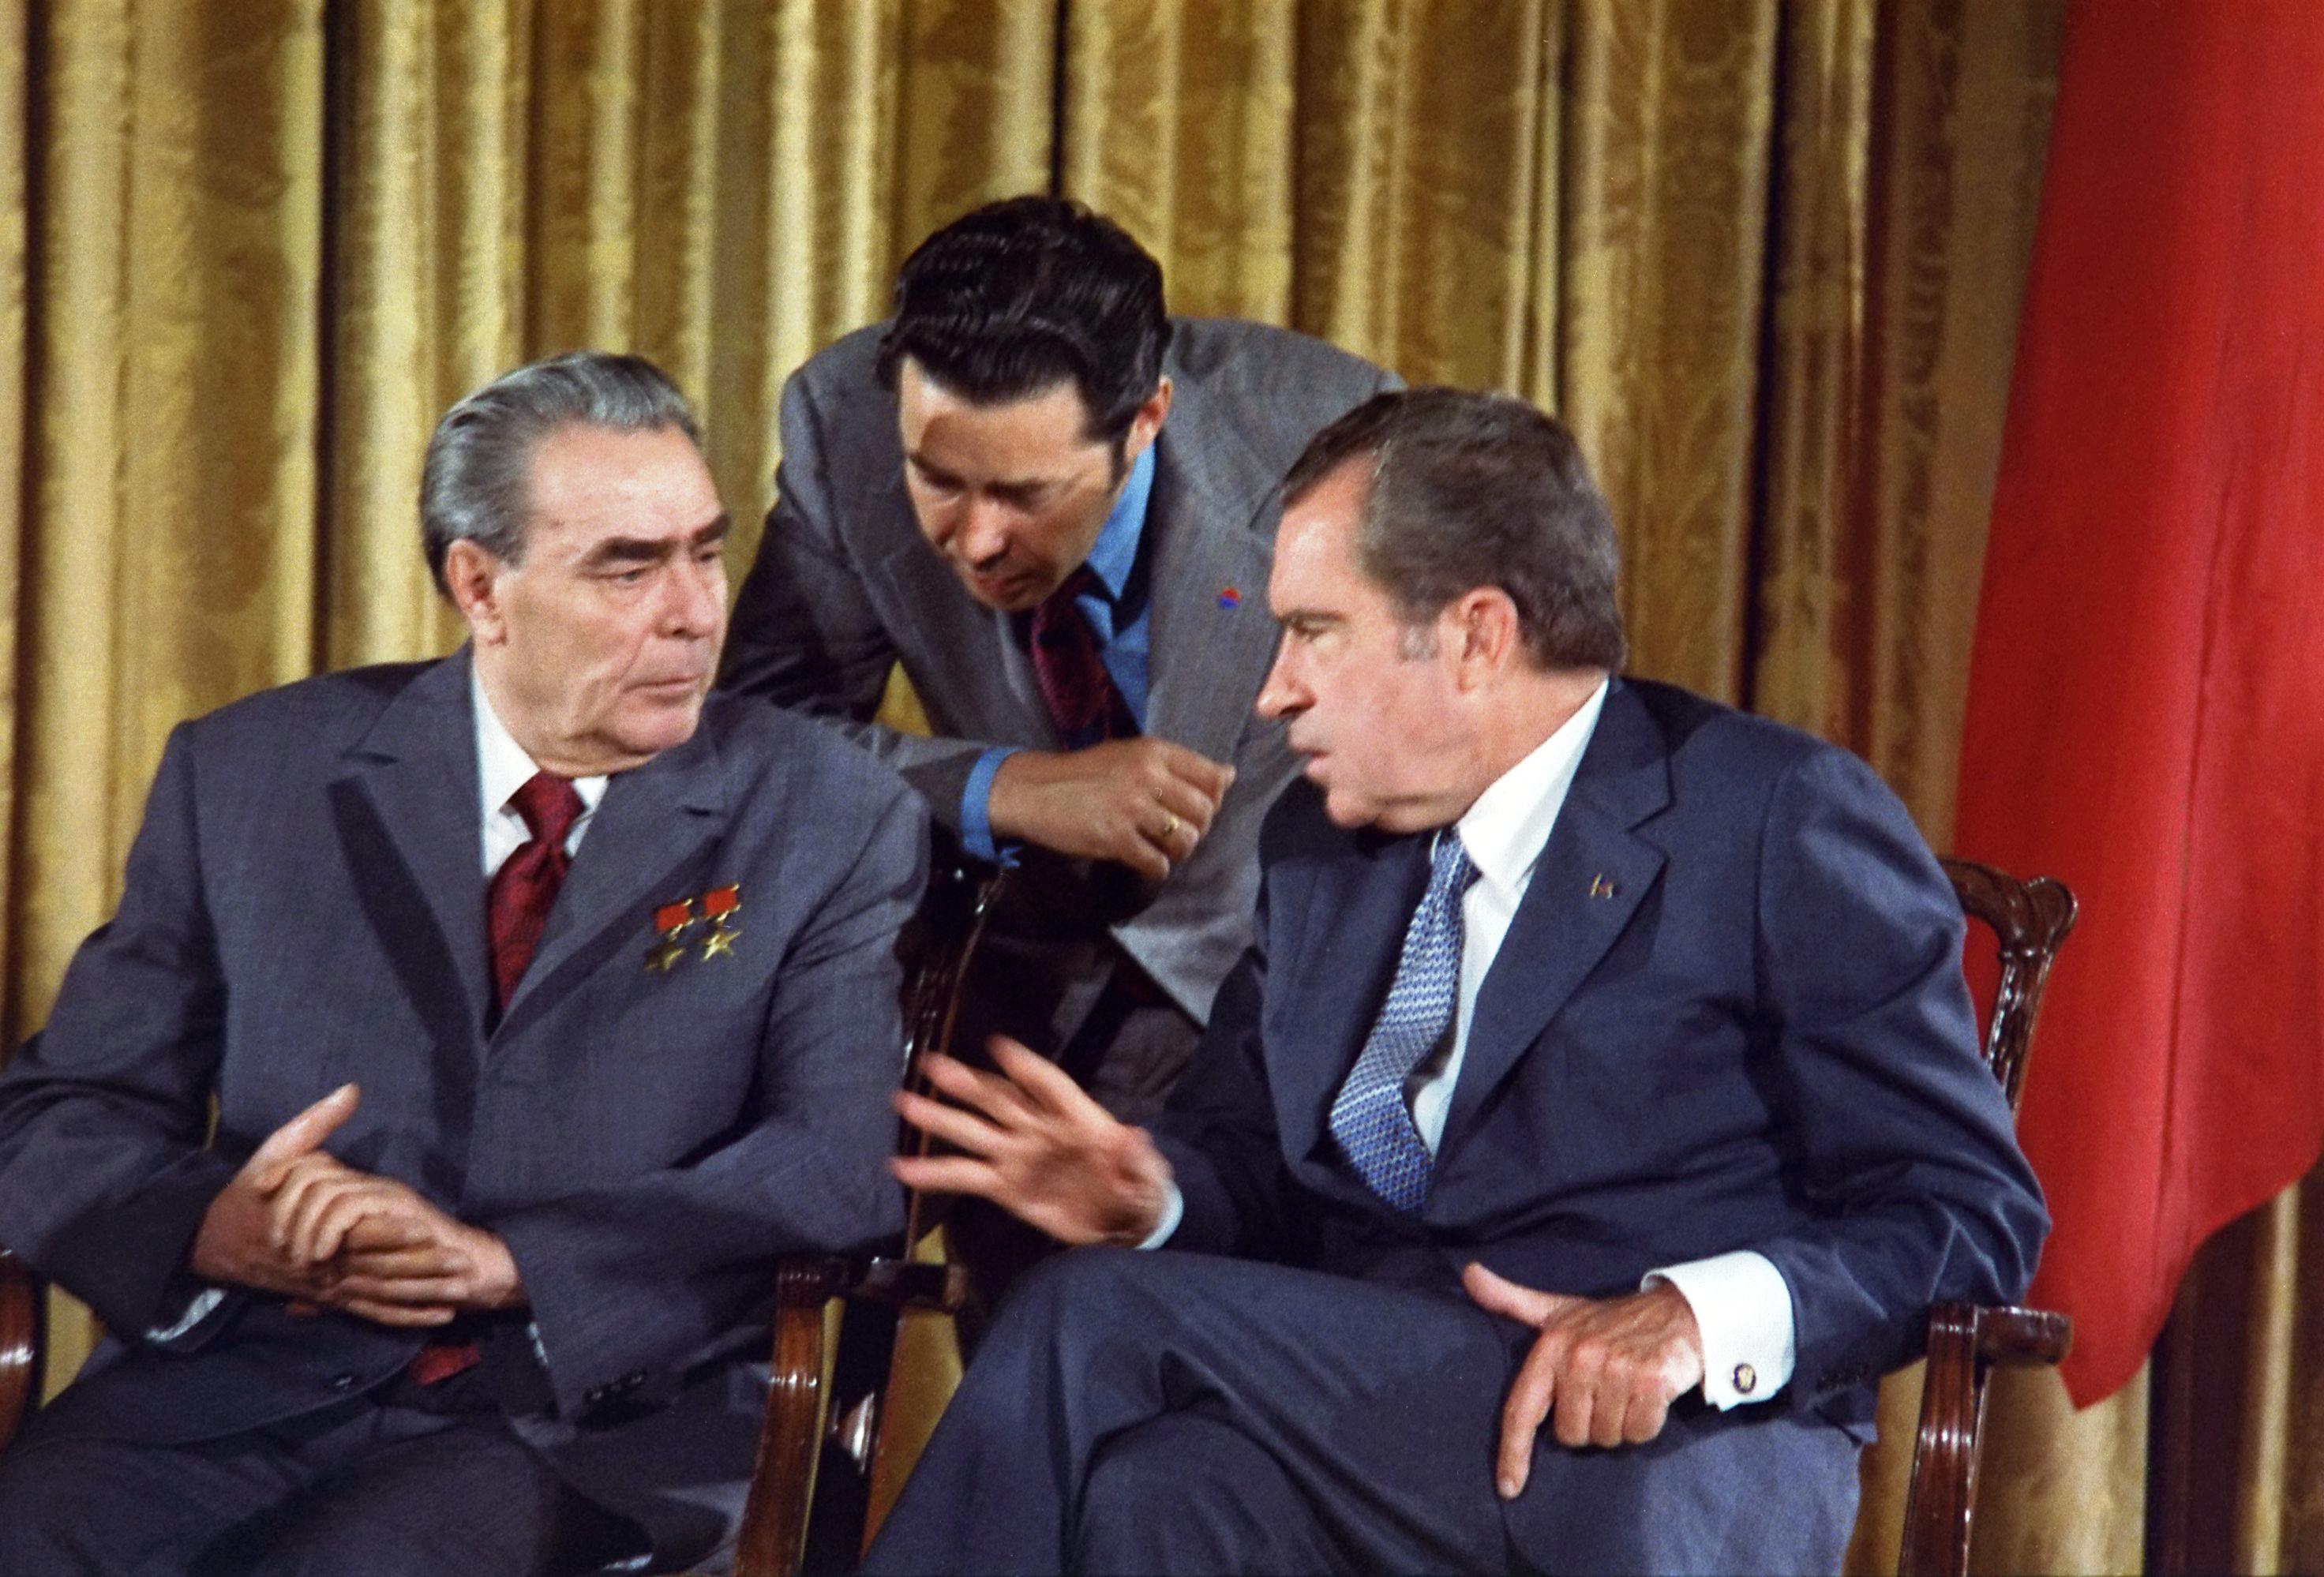 Leonid_Brezhnev_and_Richard_Nixon_talks_in_1973.png